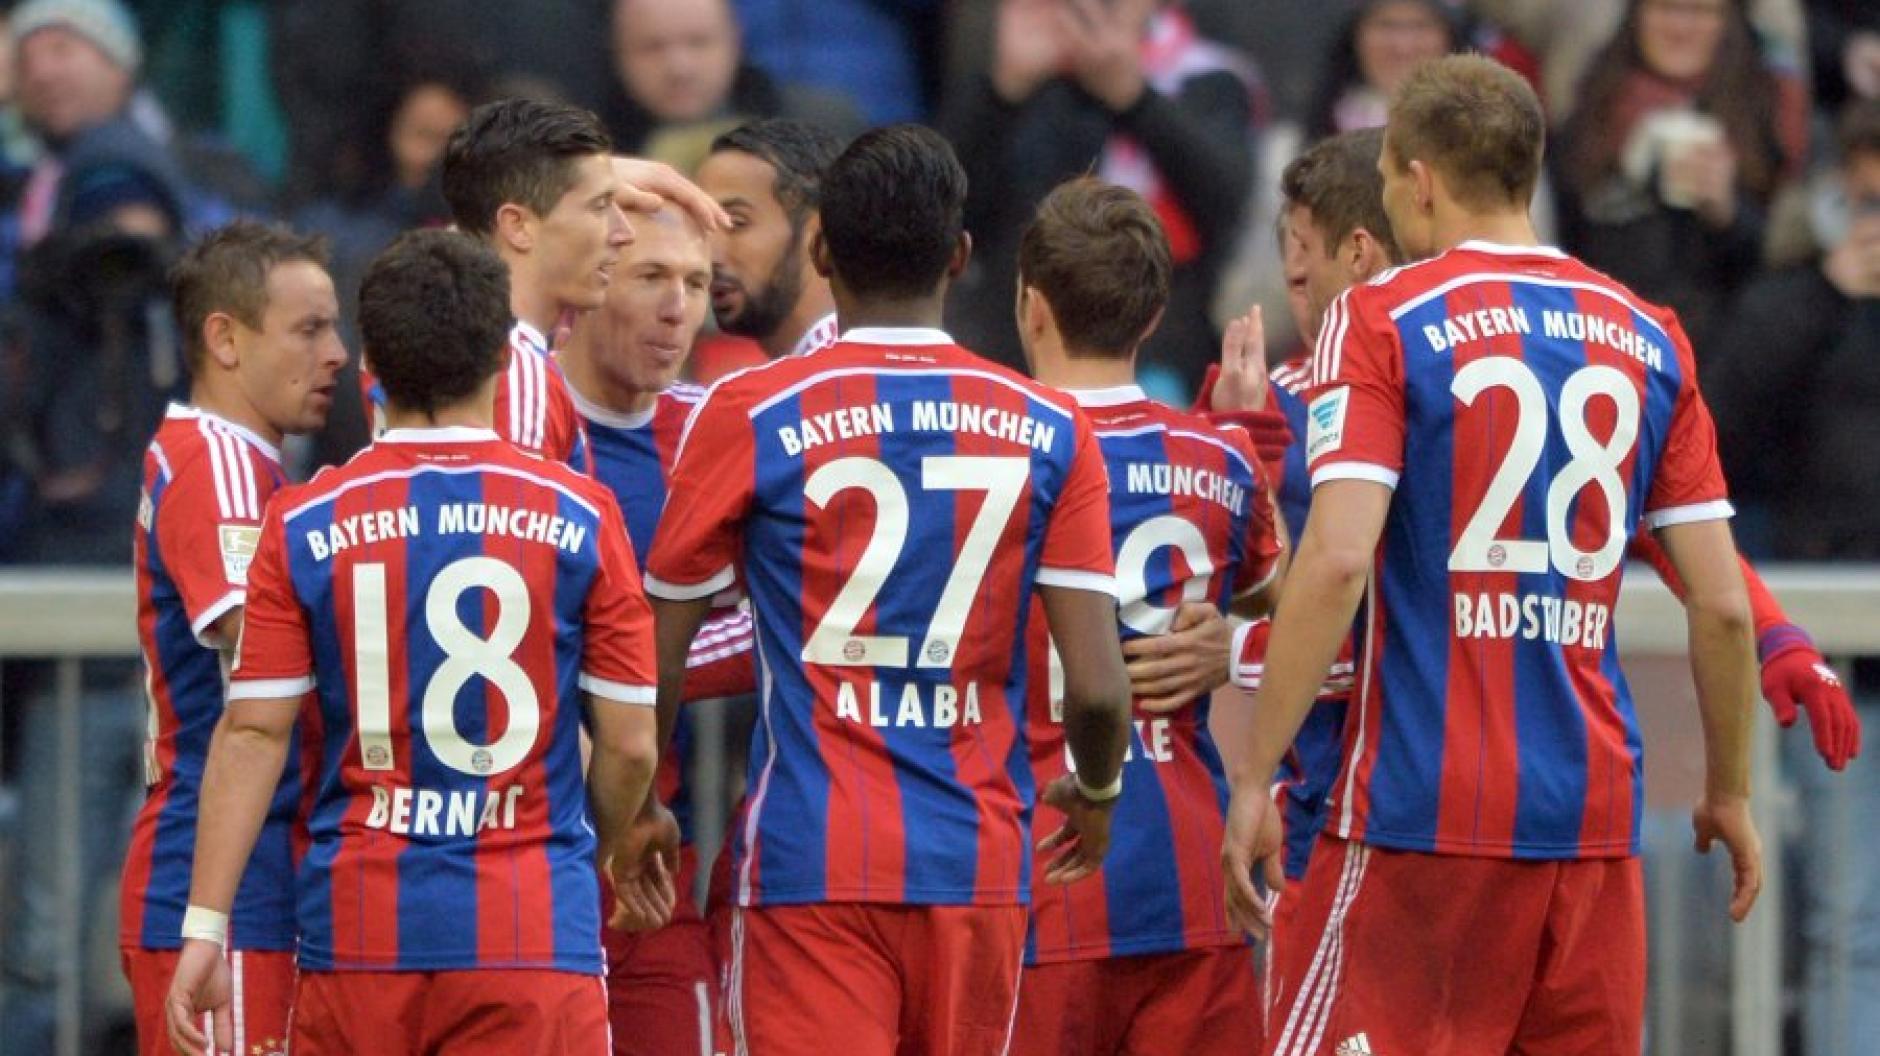 Wird Das Bayern Spiel Heute übertragen